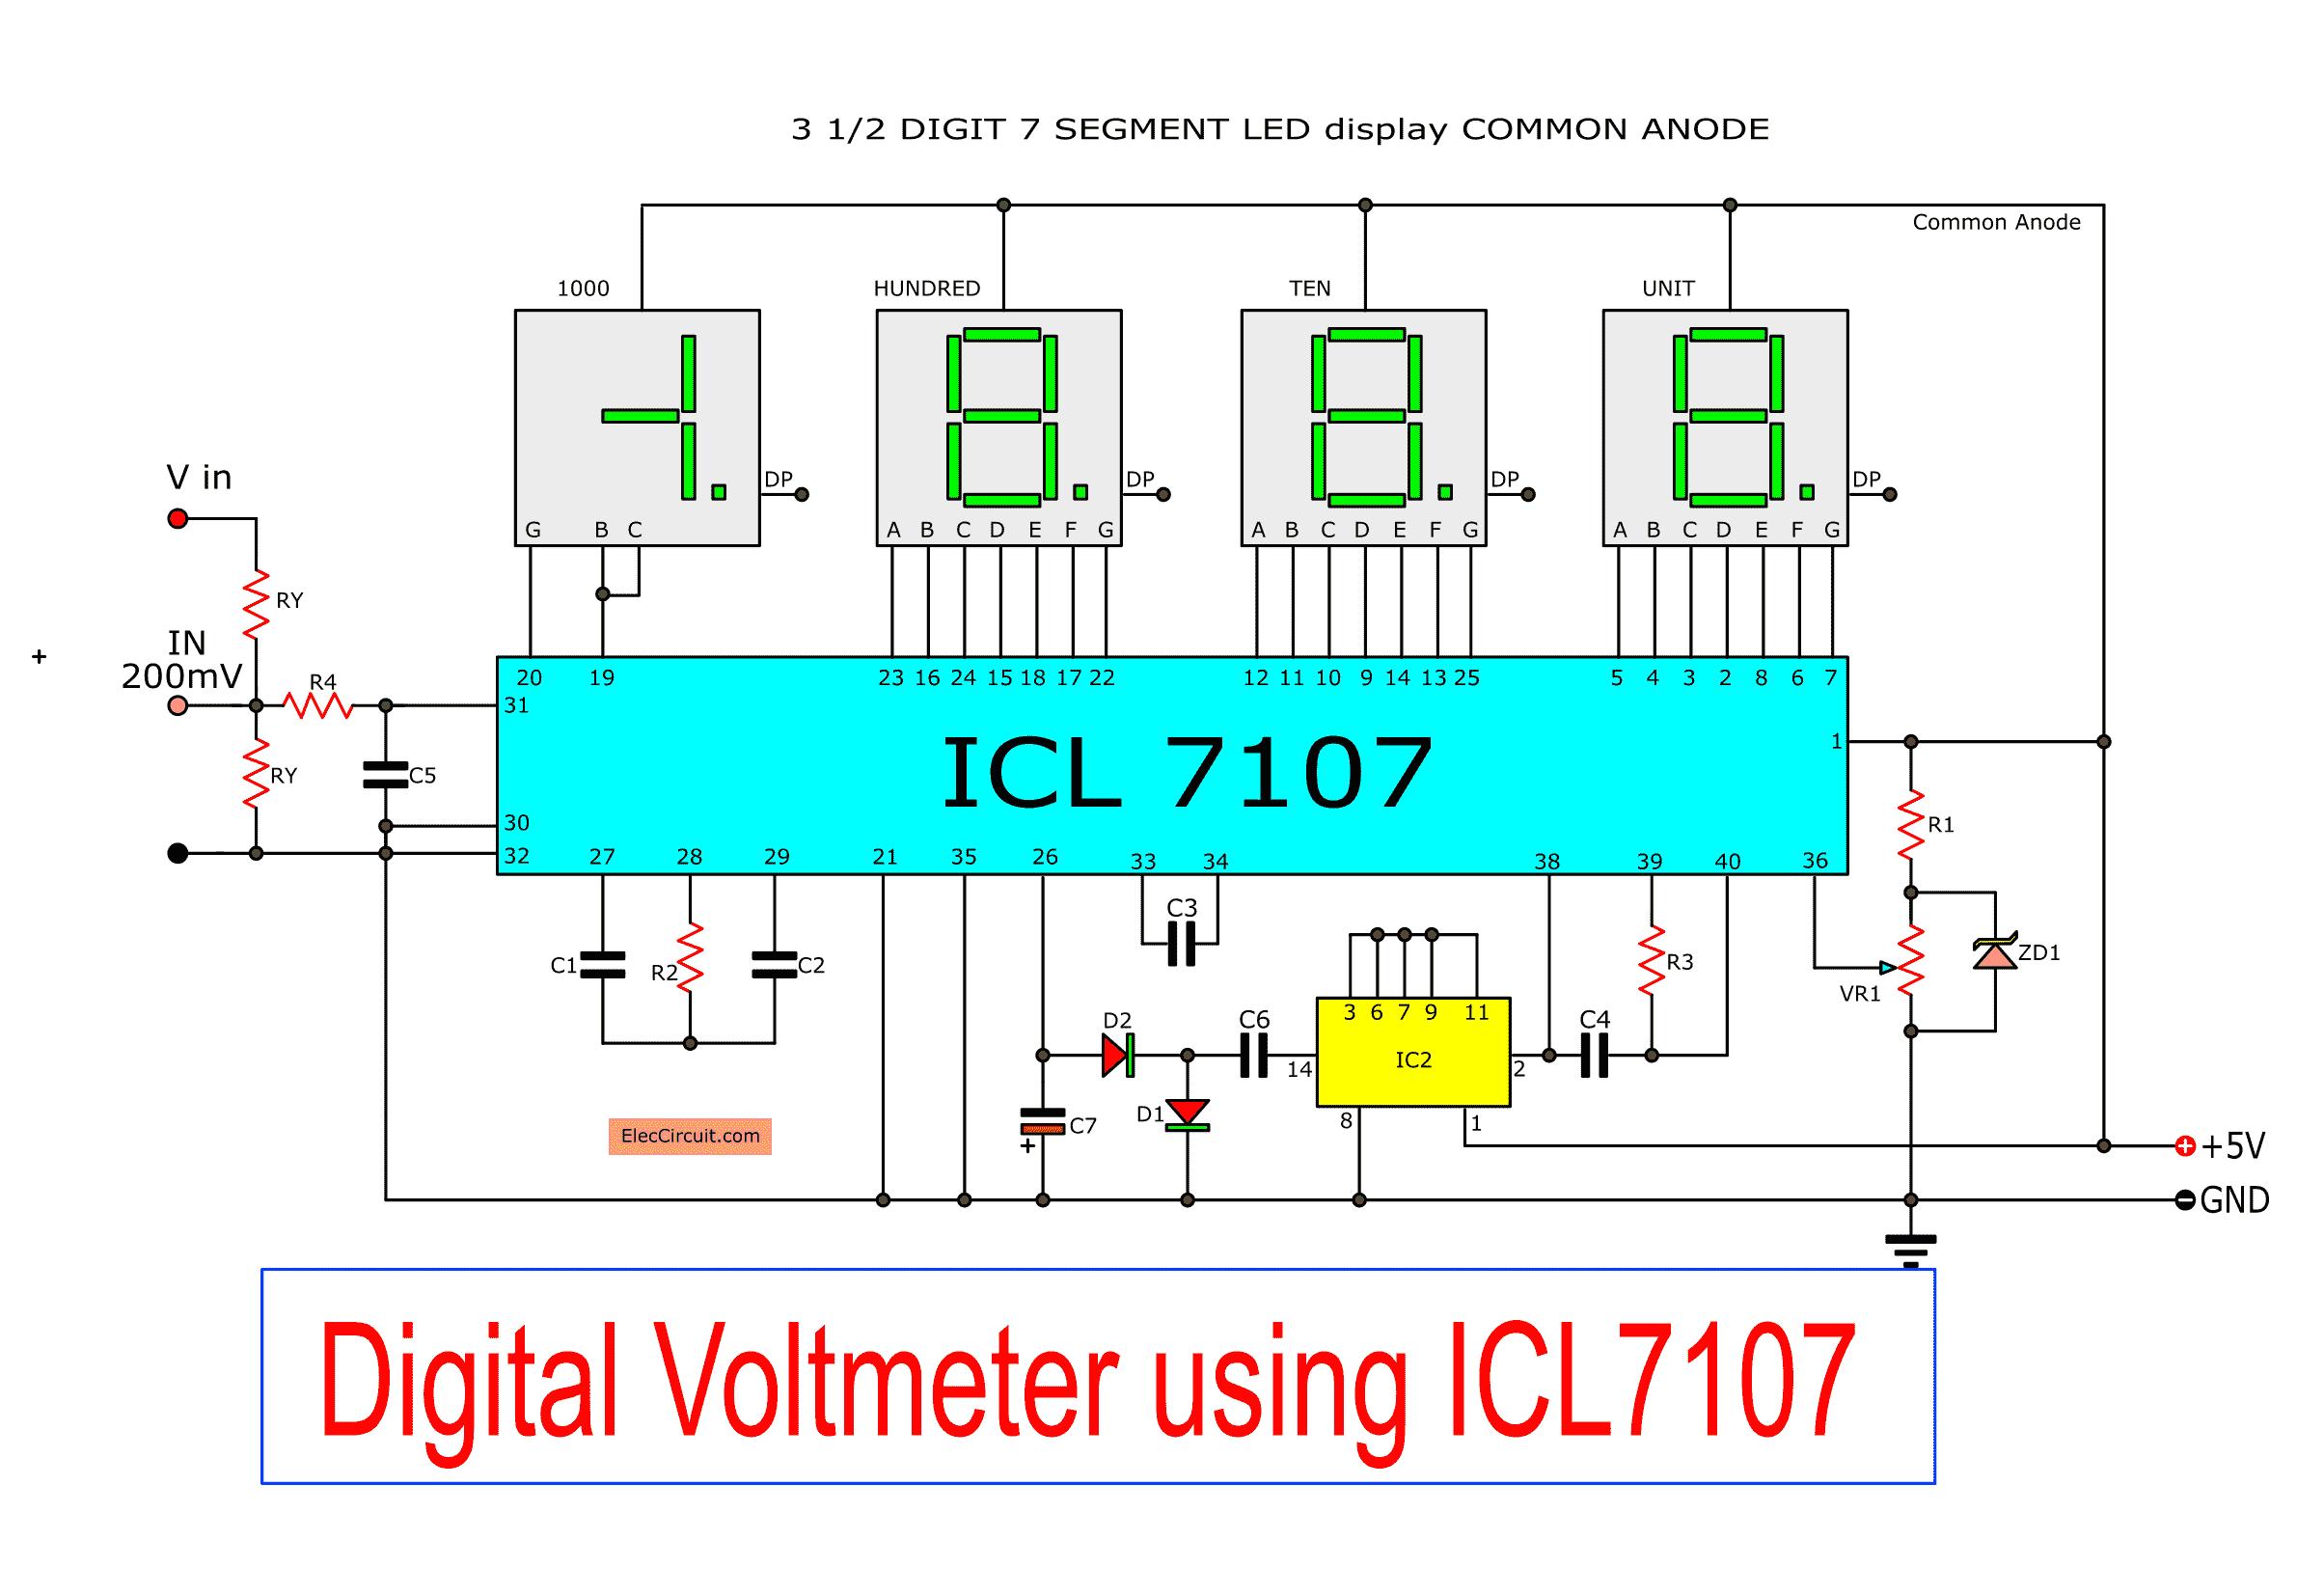 Digital Voltmeter Circuit Diagram Using Icl7107 7106 With Pcb In 2020 Circuit Diagram Electronic Circuit Projects Digital Circuit